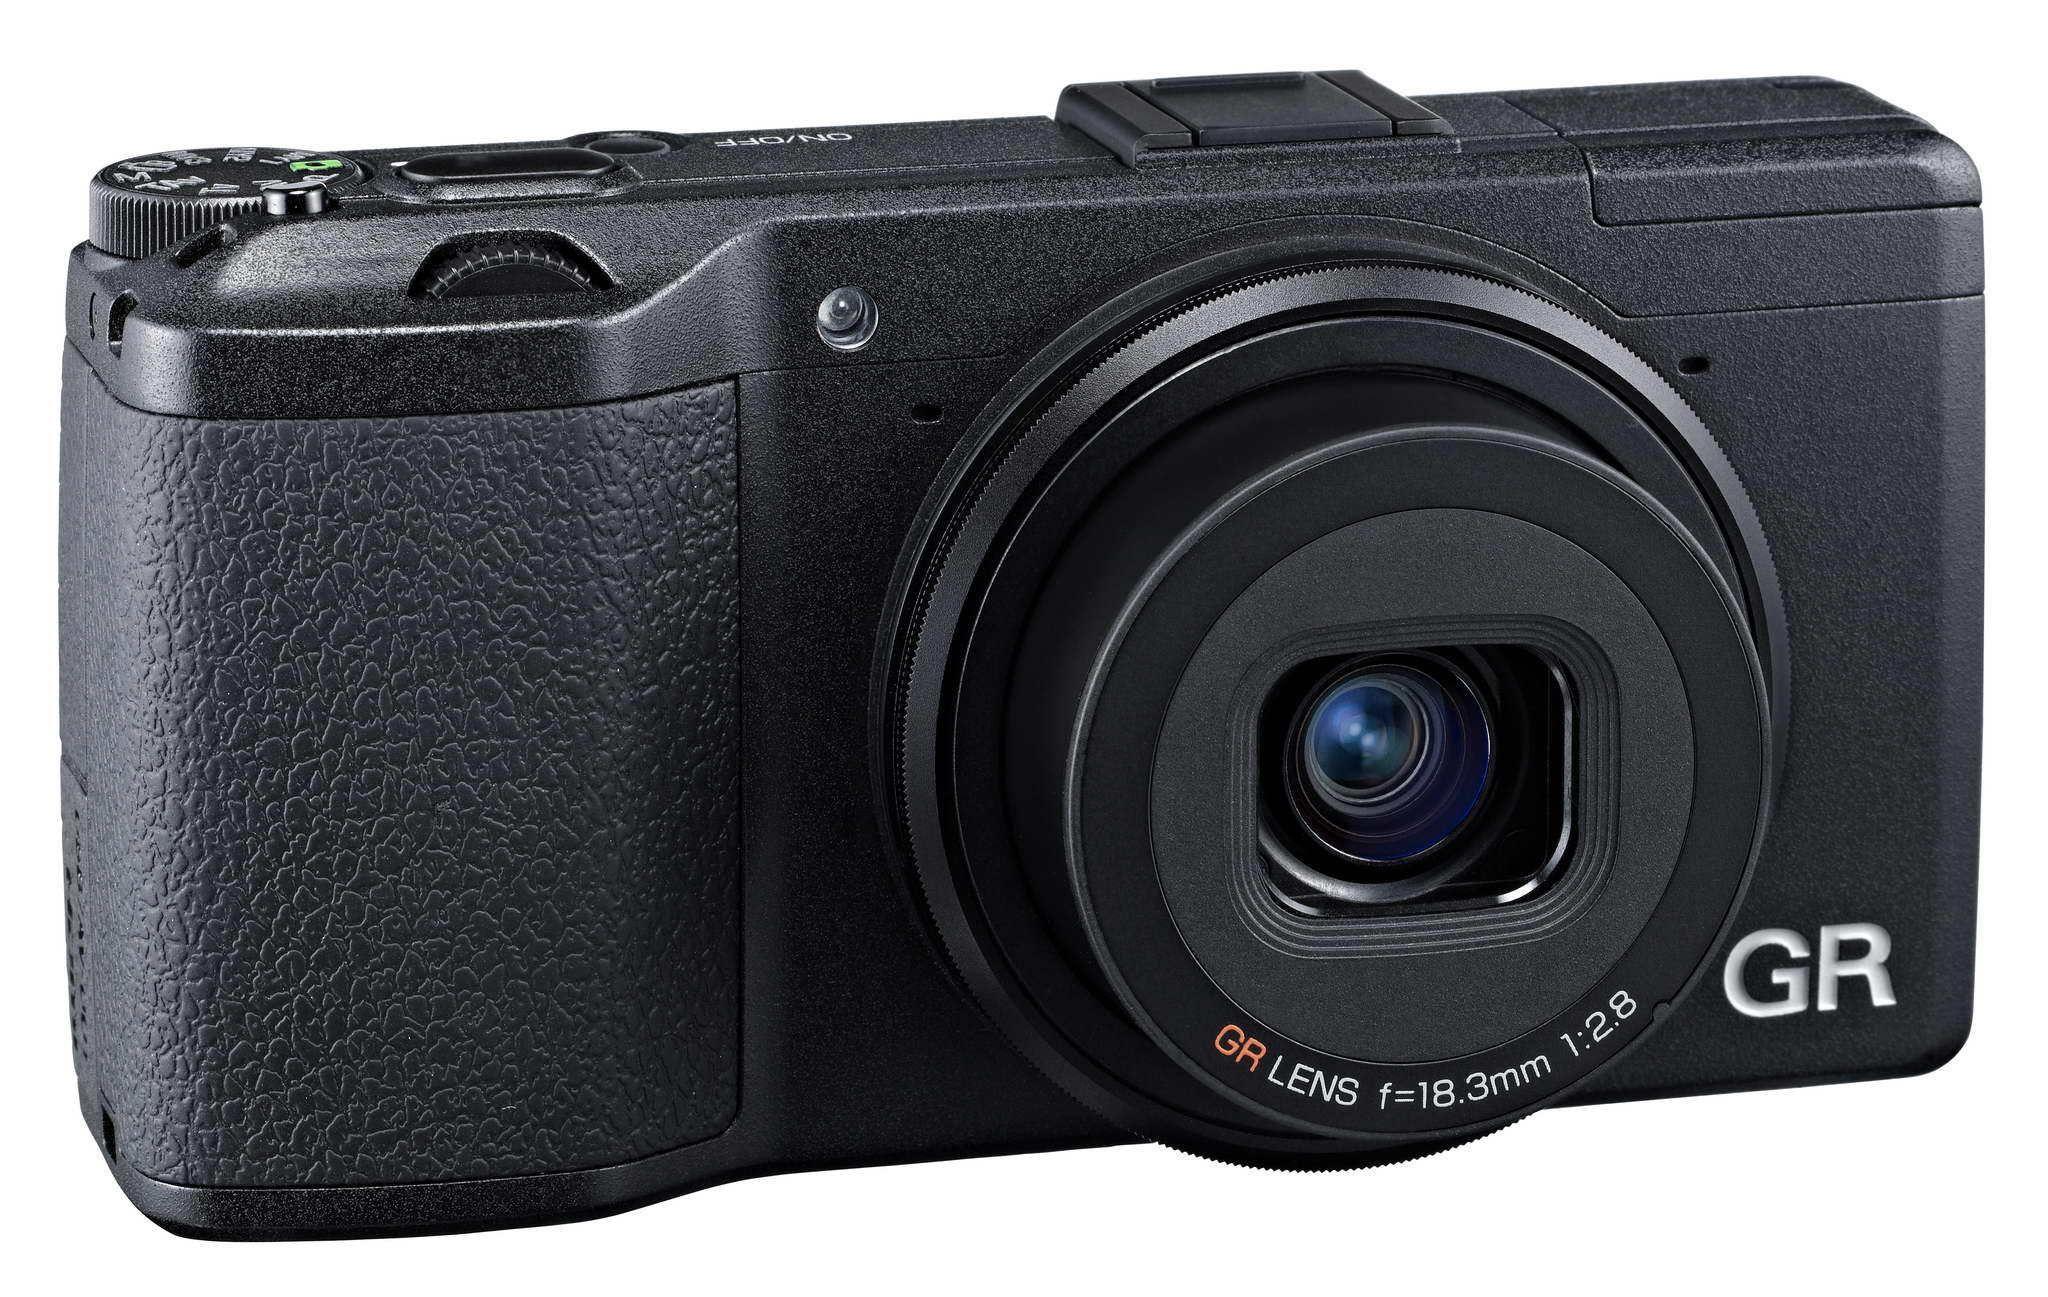 Ricohs nye kamera er lovende greier.Foto: Ricoh